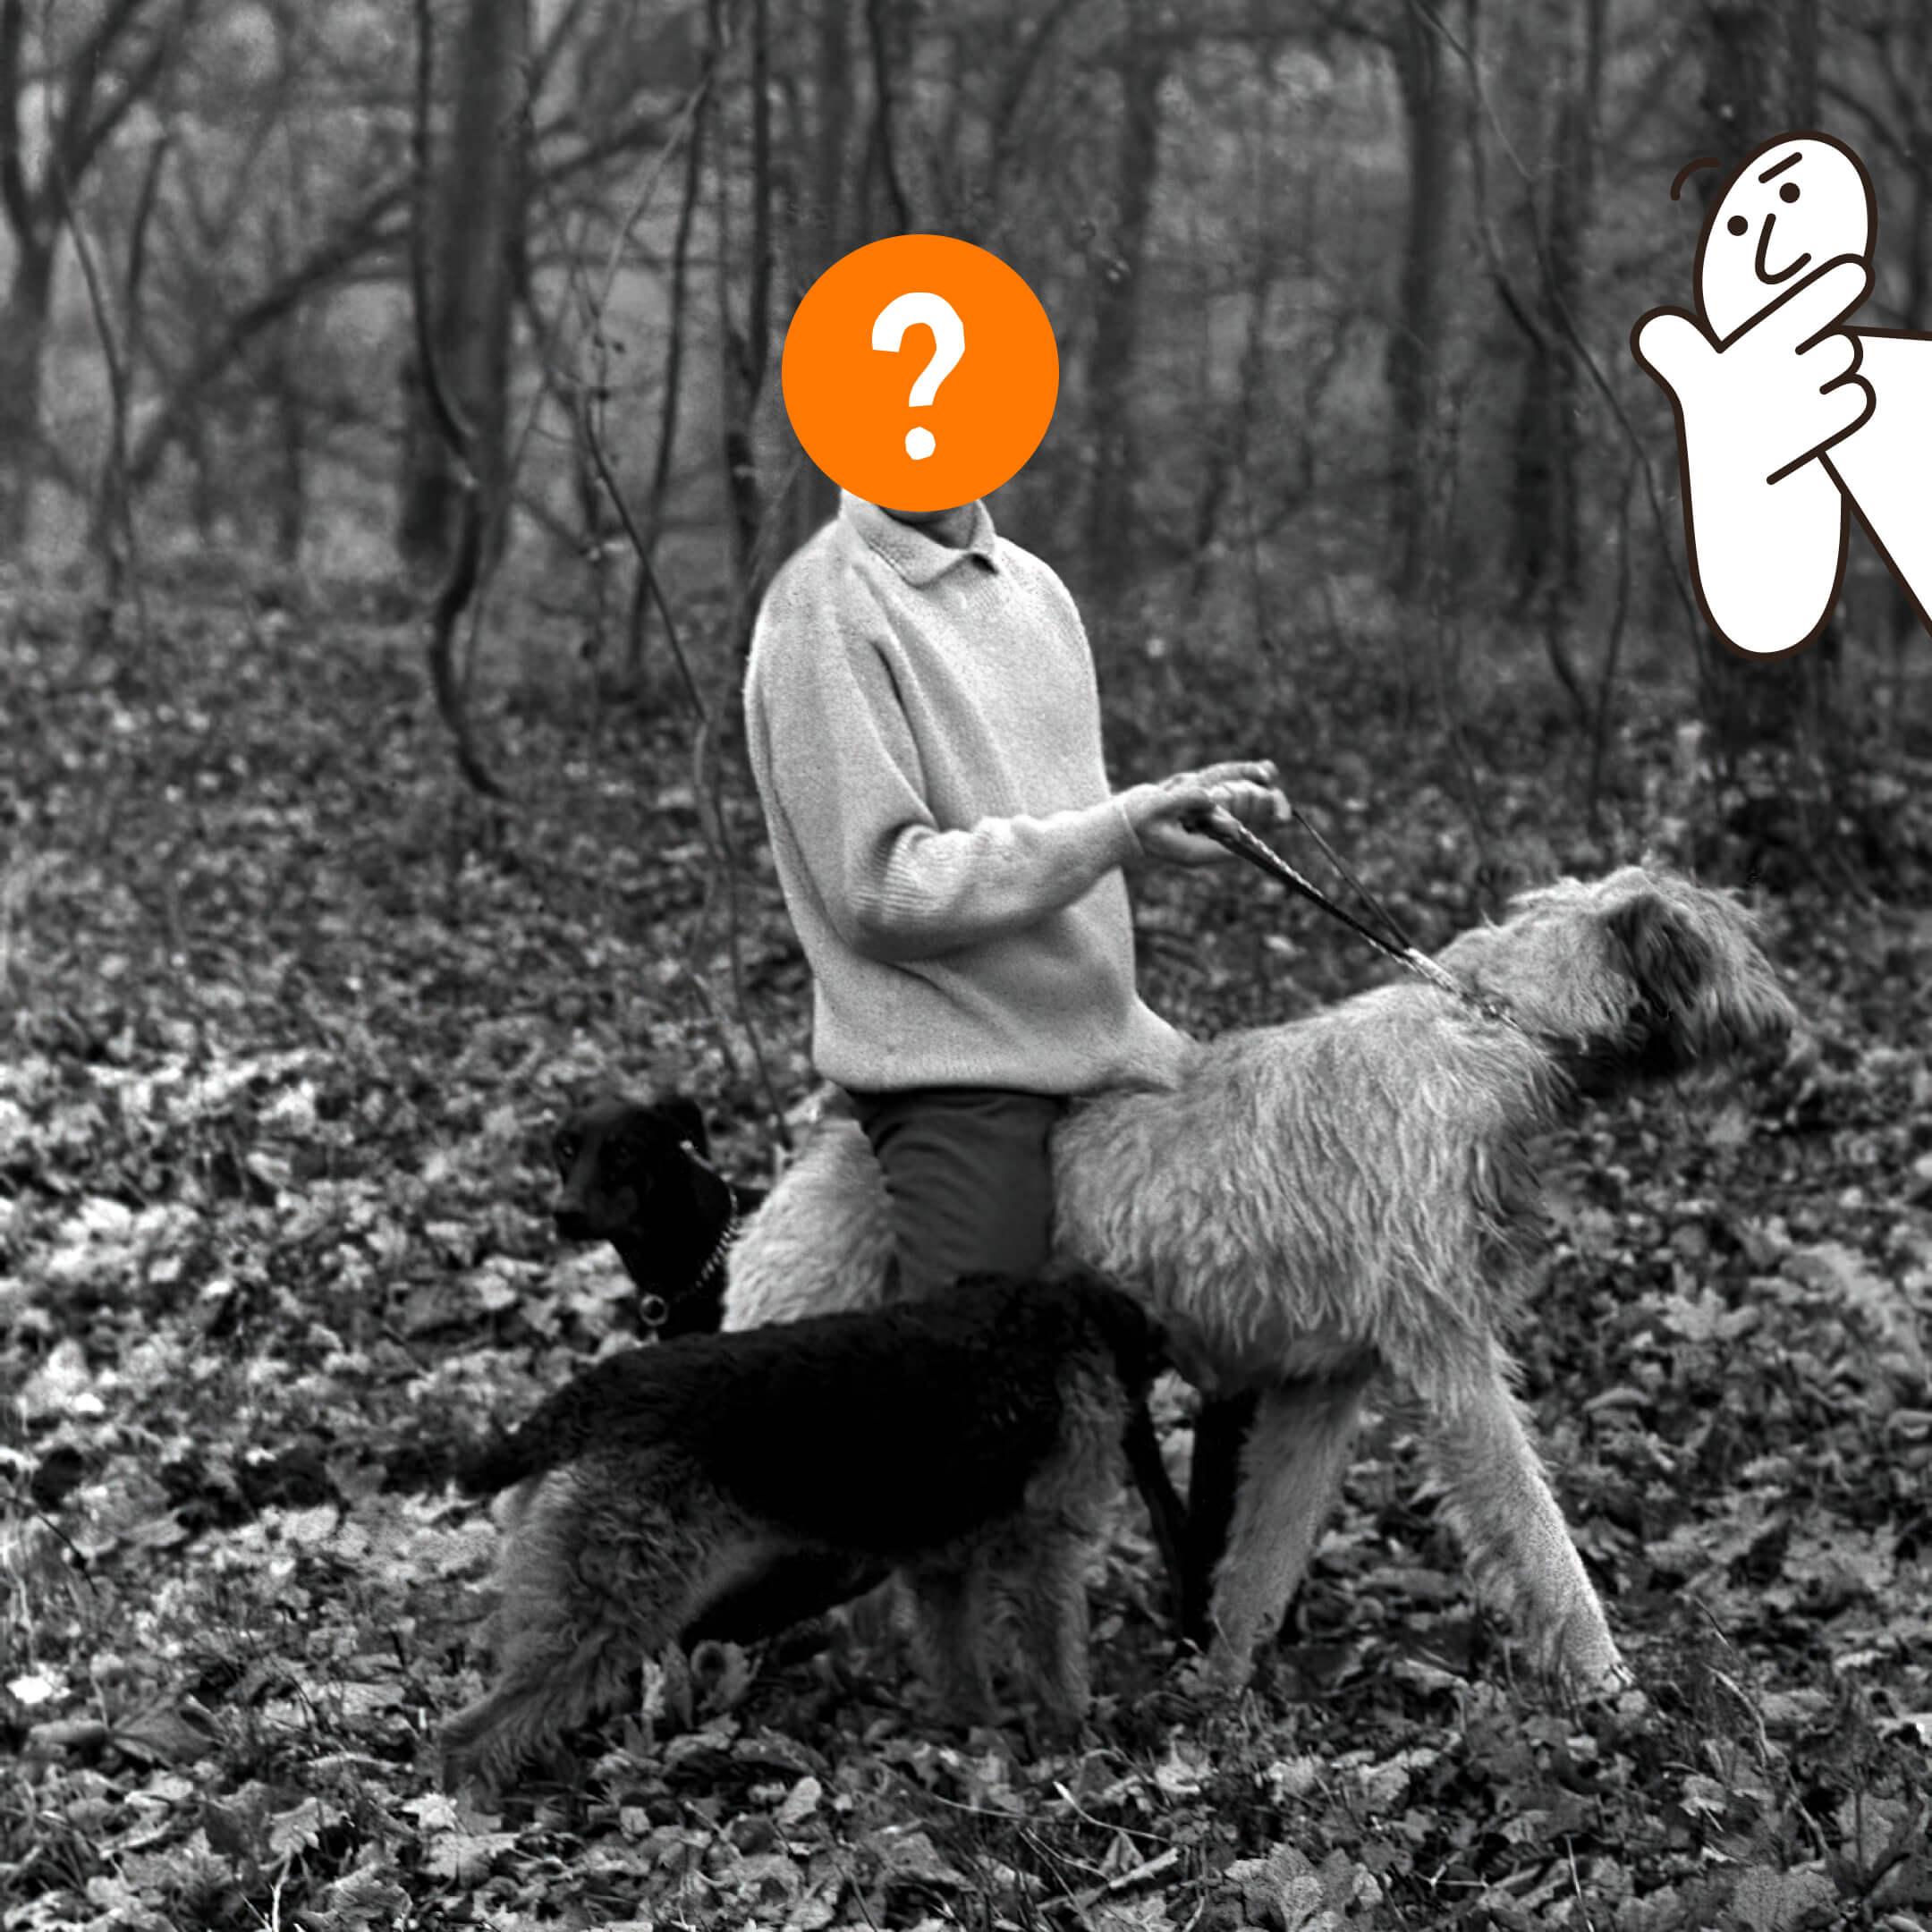 Неизвестный напрогулке ссобаками. Иллюстрация Bookmate Journal